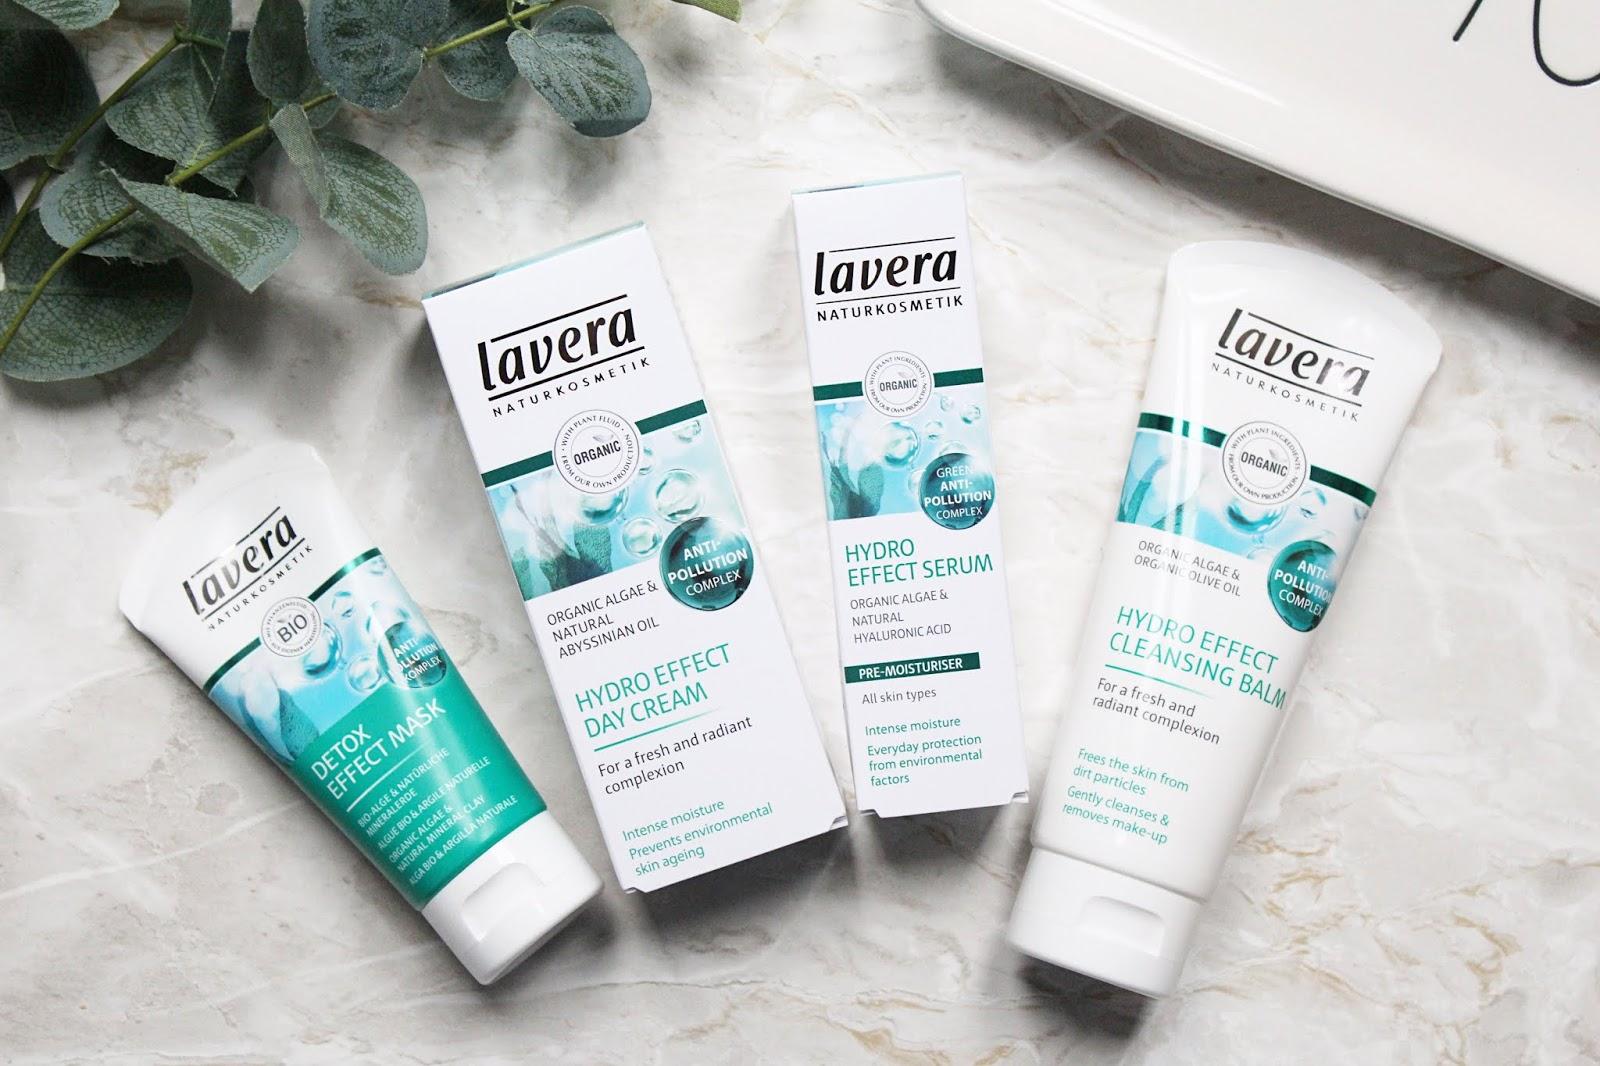 Lavera Hydro Effect Skincare